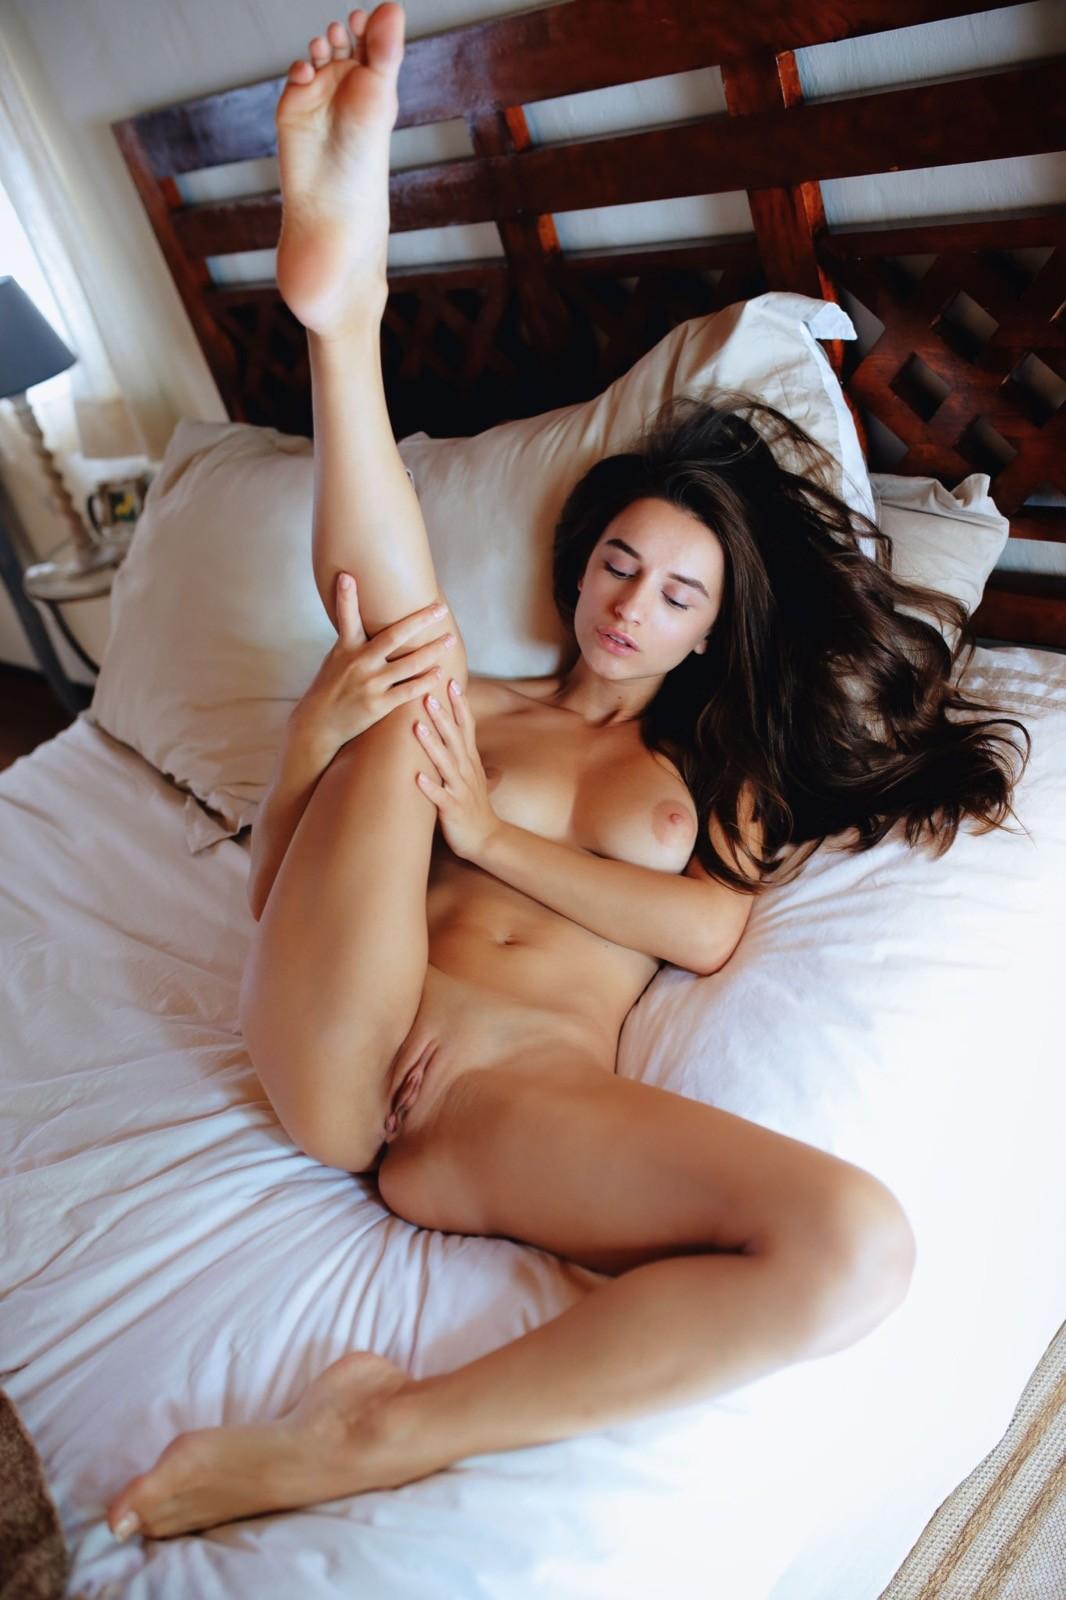 Нагая девица раздвигает ноги  - фото